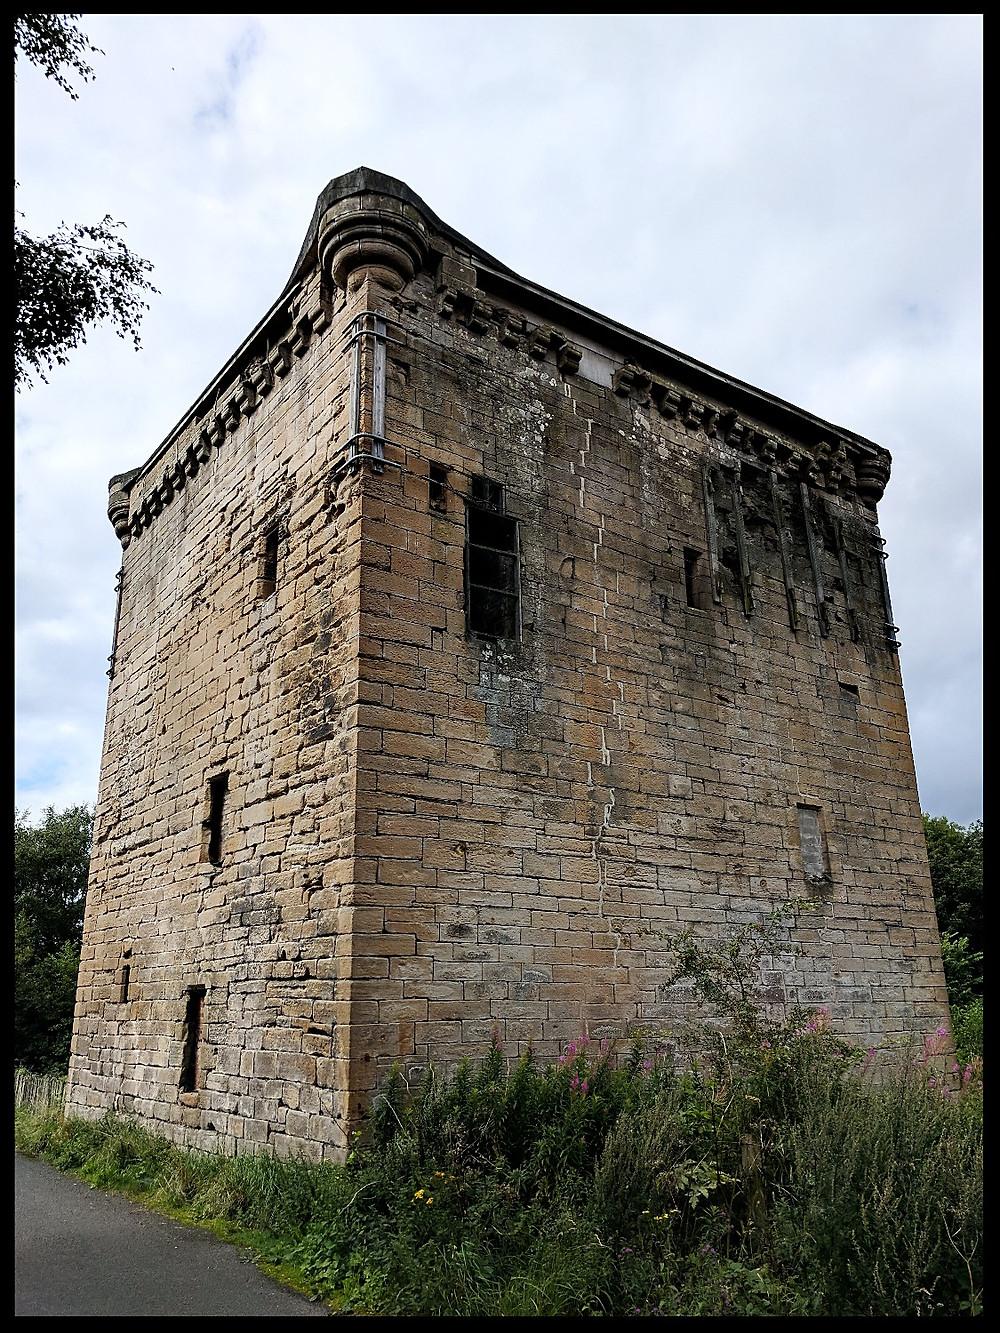 Sauchie Tower, Clackmannanshire, Scotland